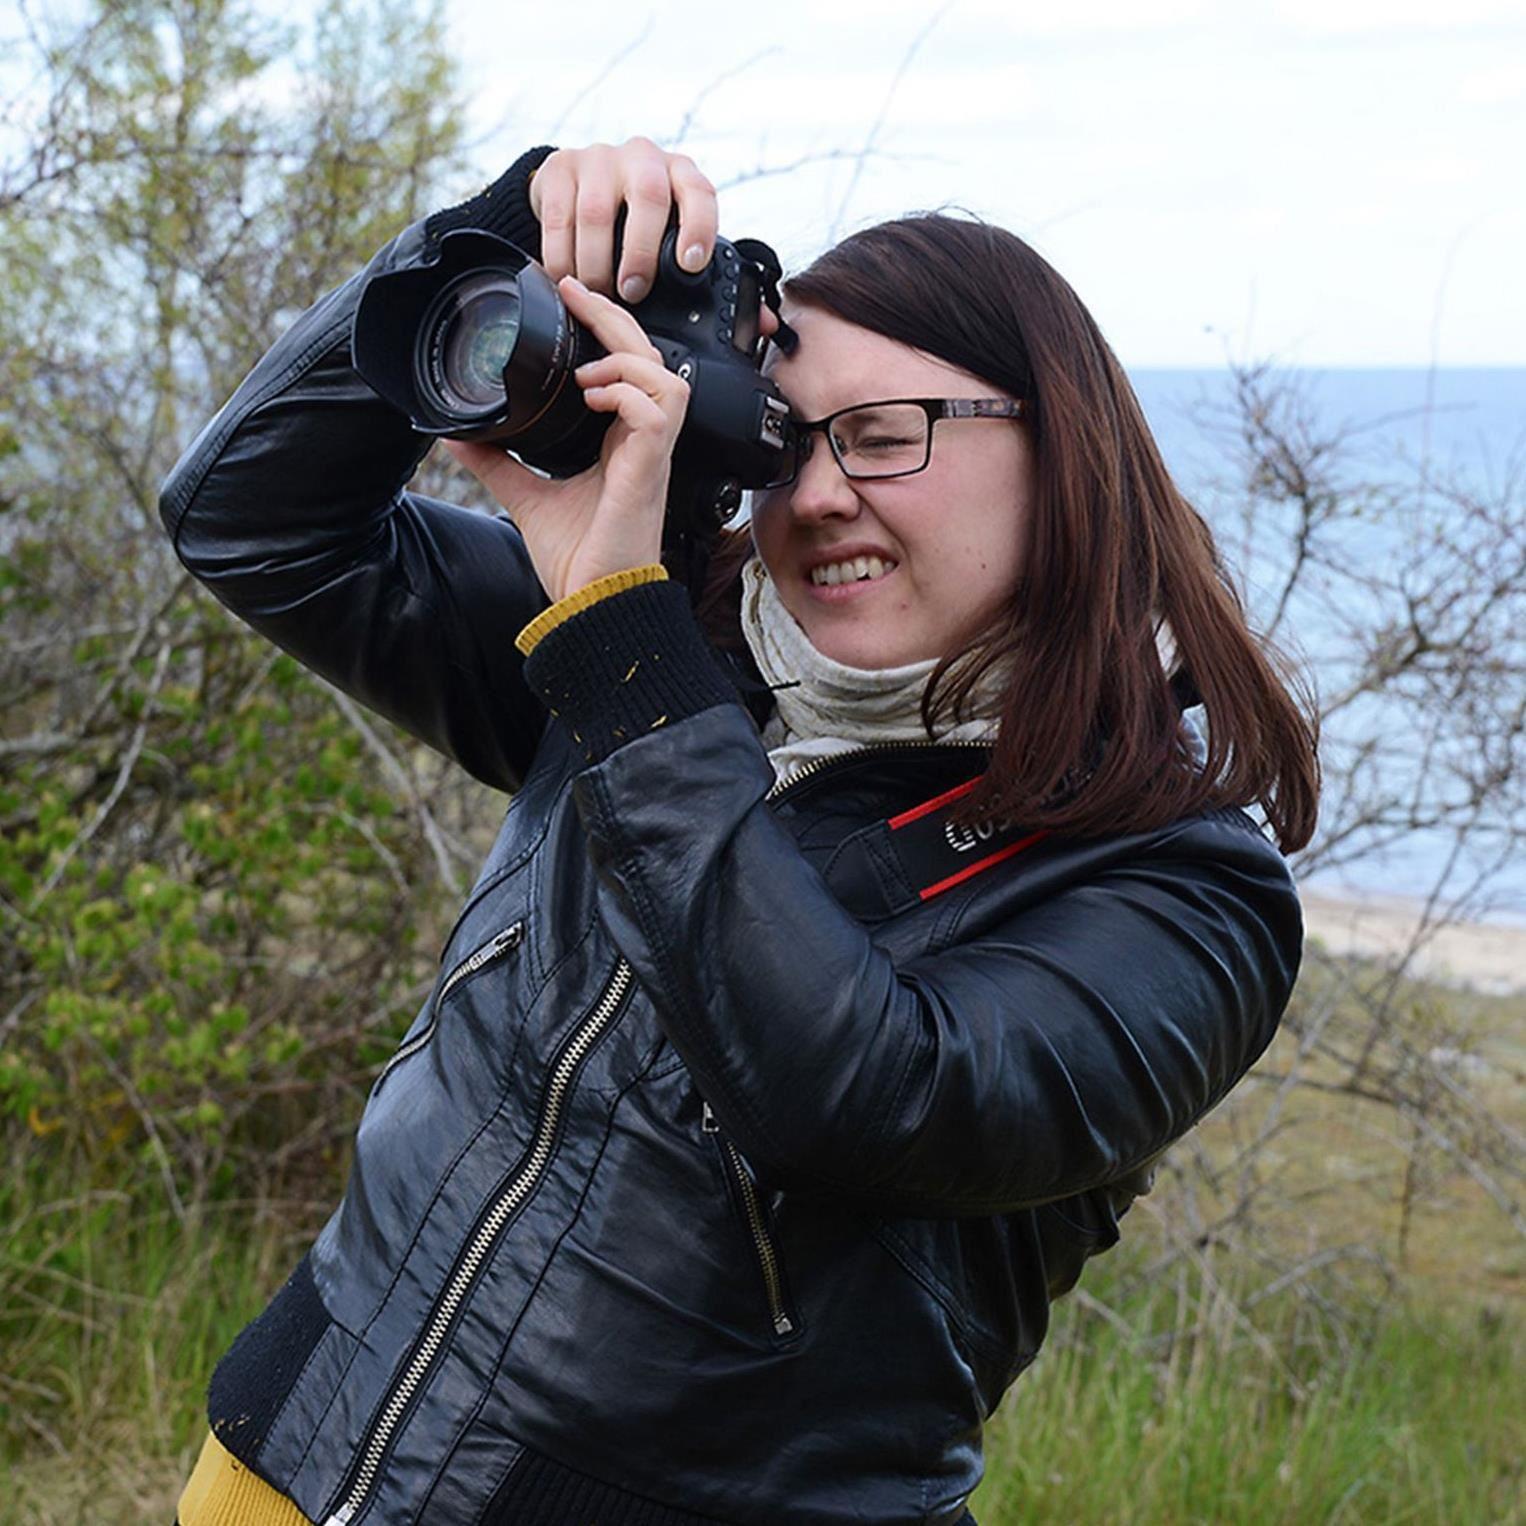 Eva Hallkvist, Fotokurs för nybörjare